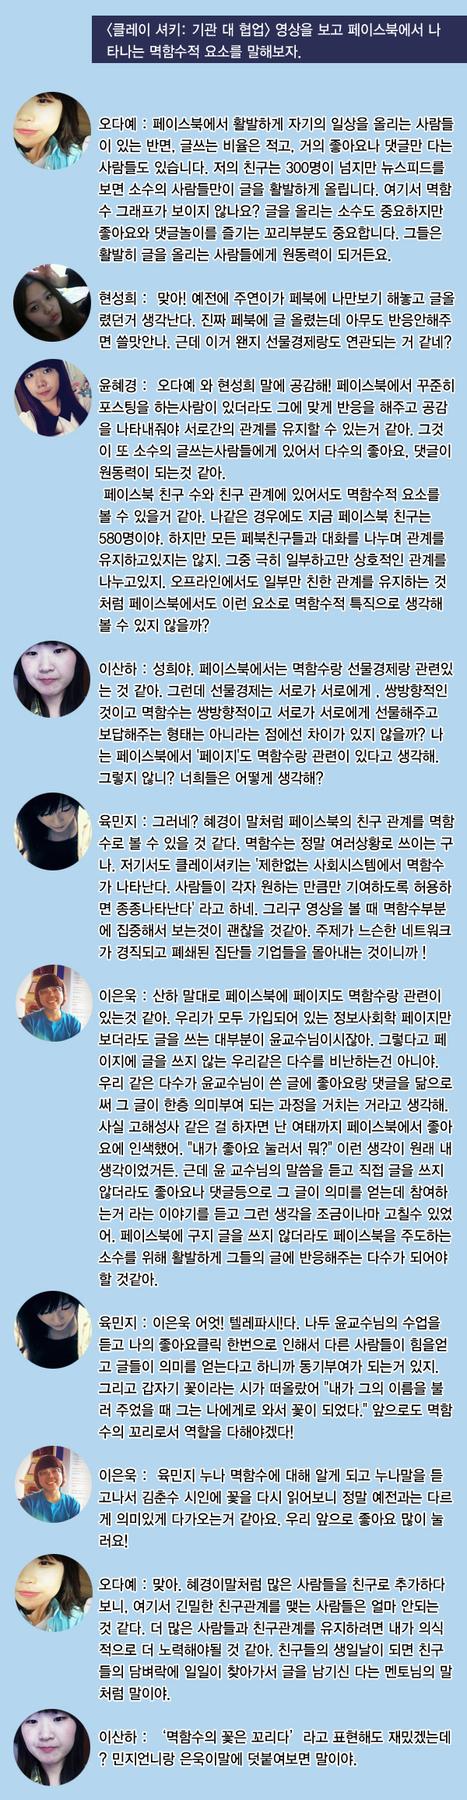 [토론 2] | 소셜미디어시대, 멱함수의시대 | Scoop.it